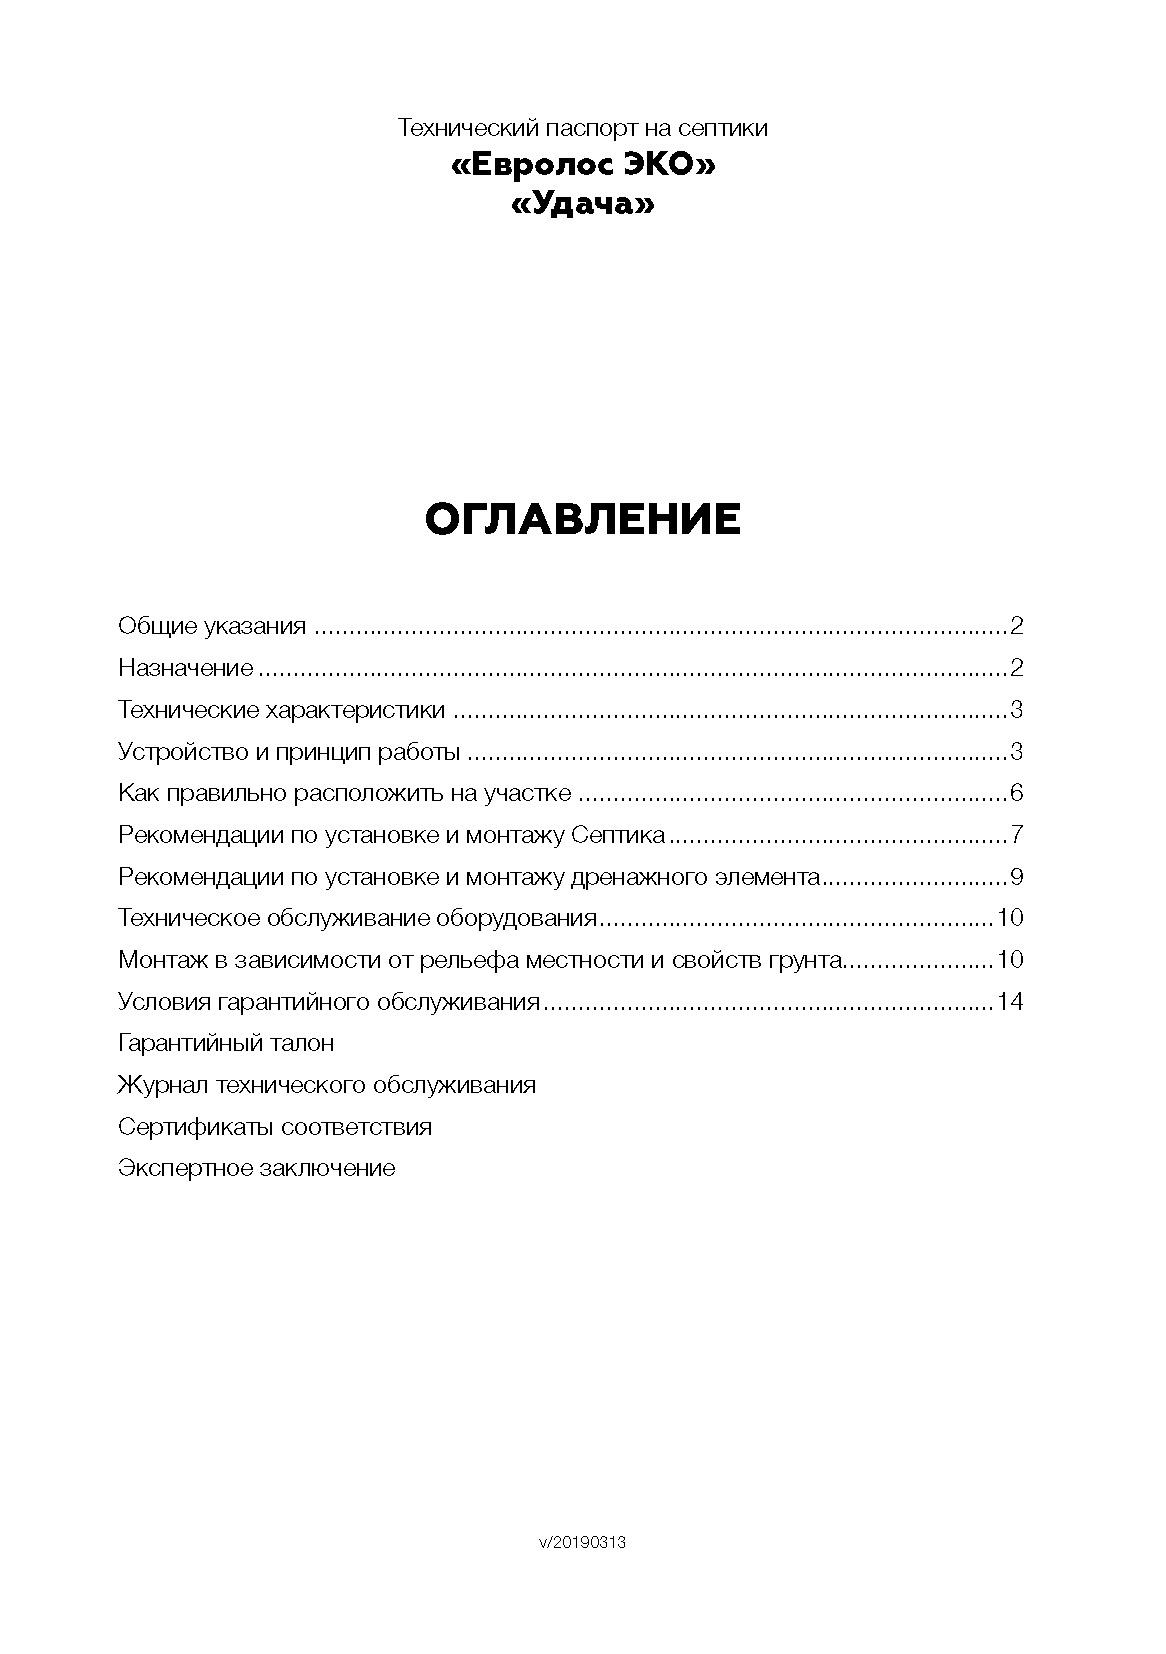 Технический паспорт Евролос Эко_Удача_Страница_03